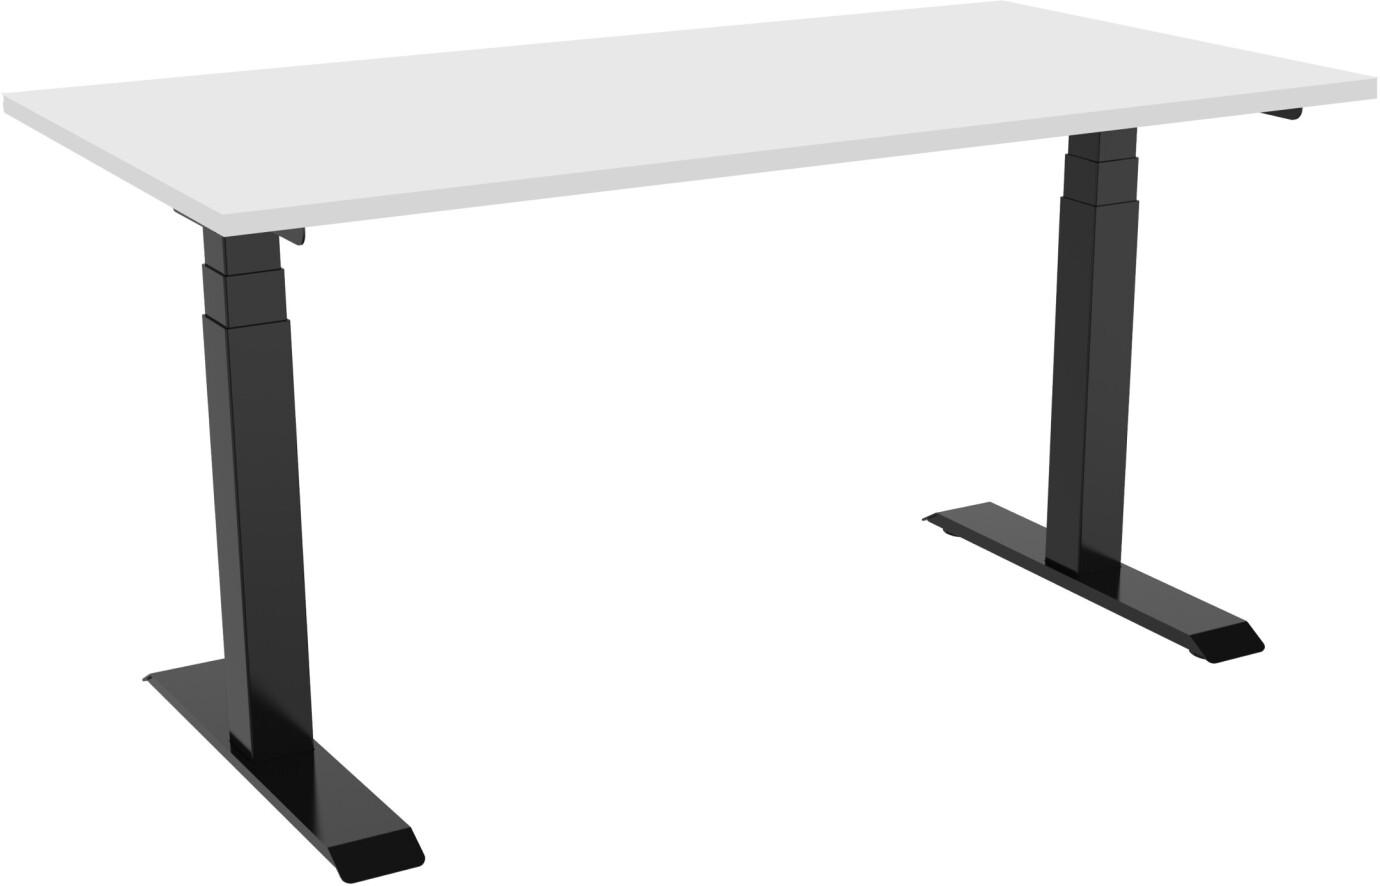 celexon elektrisch höhenverstellbarer Schreibtisch Professional eAdjust-58123 - schwarz, inkl. Tischplatte 125 x 75 cm